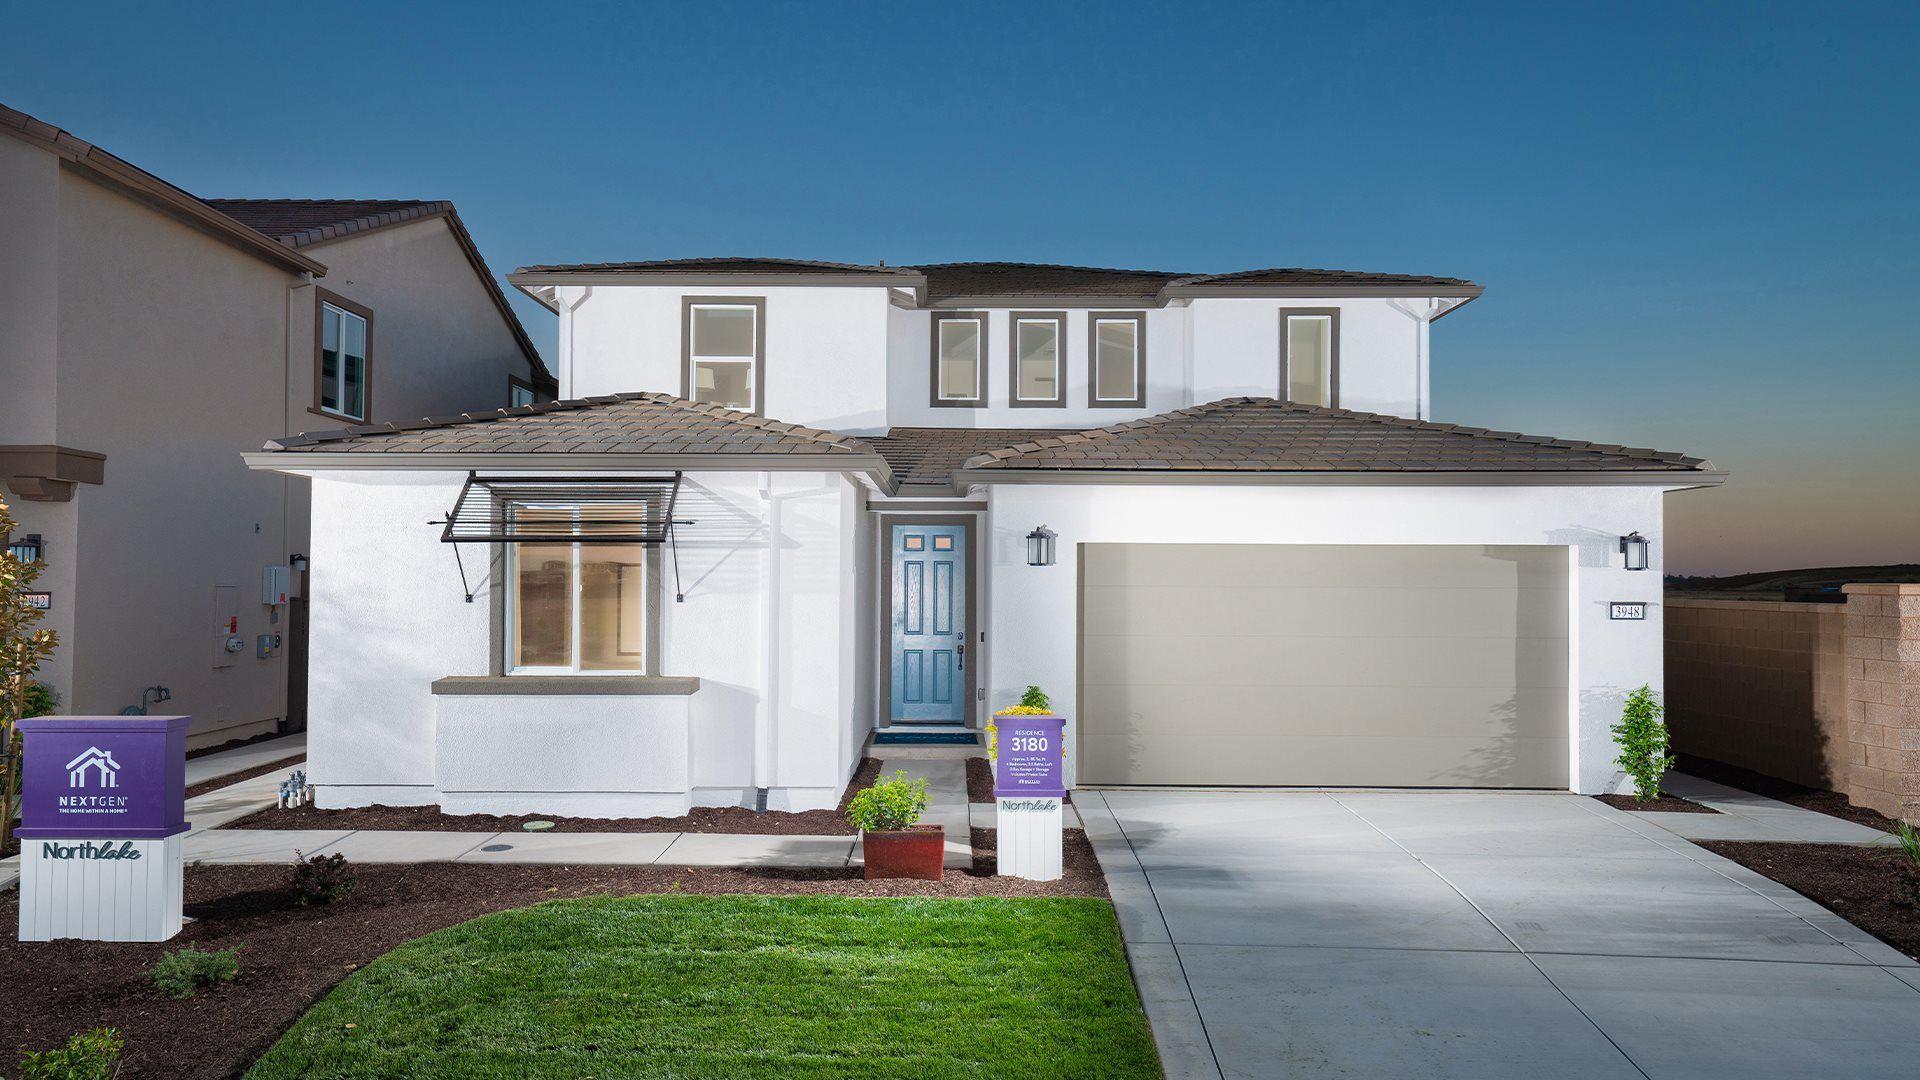 Residence 3180 | Model Home